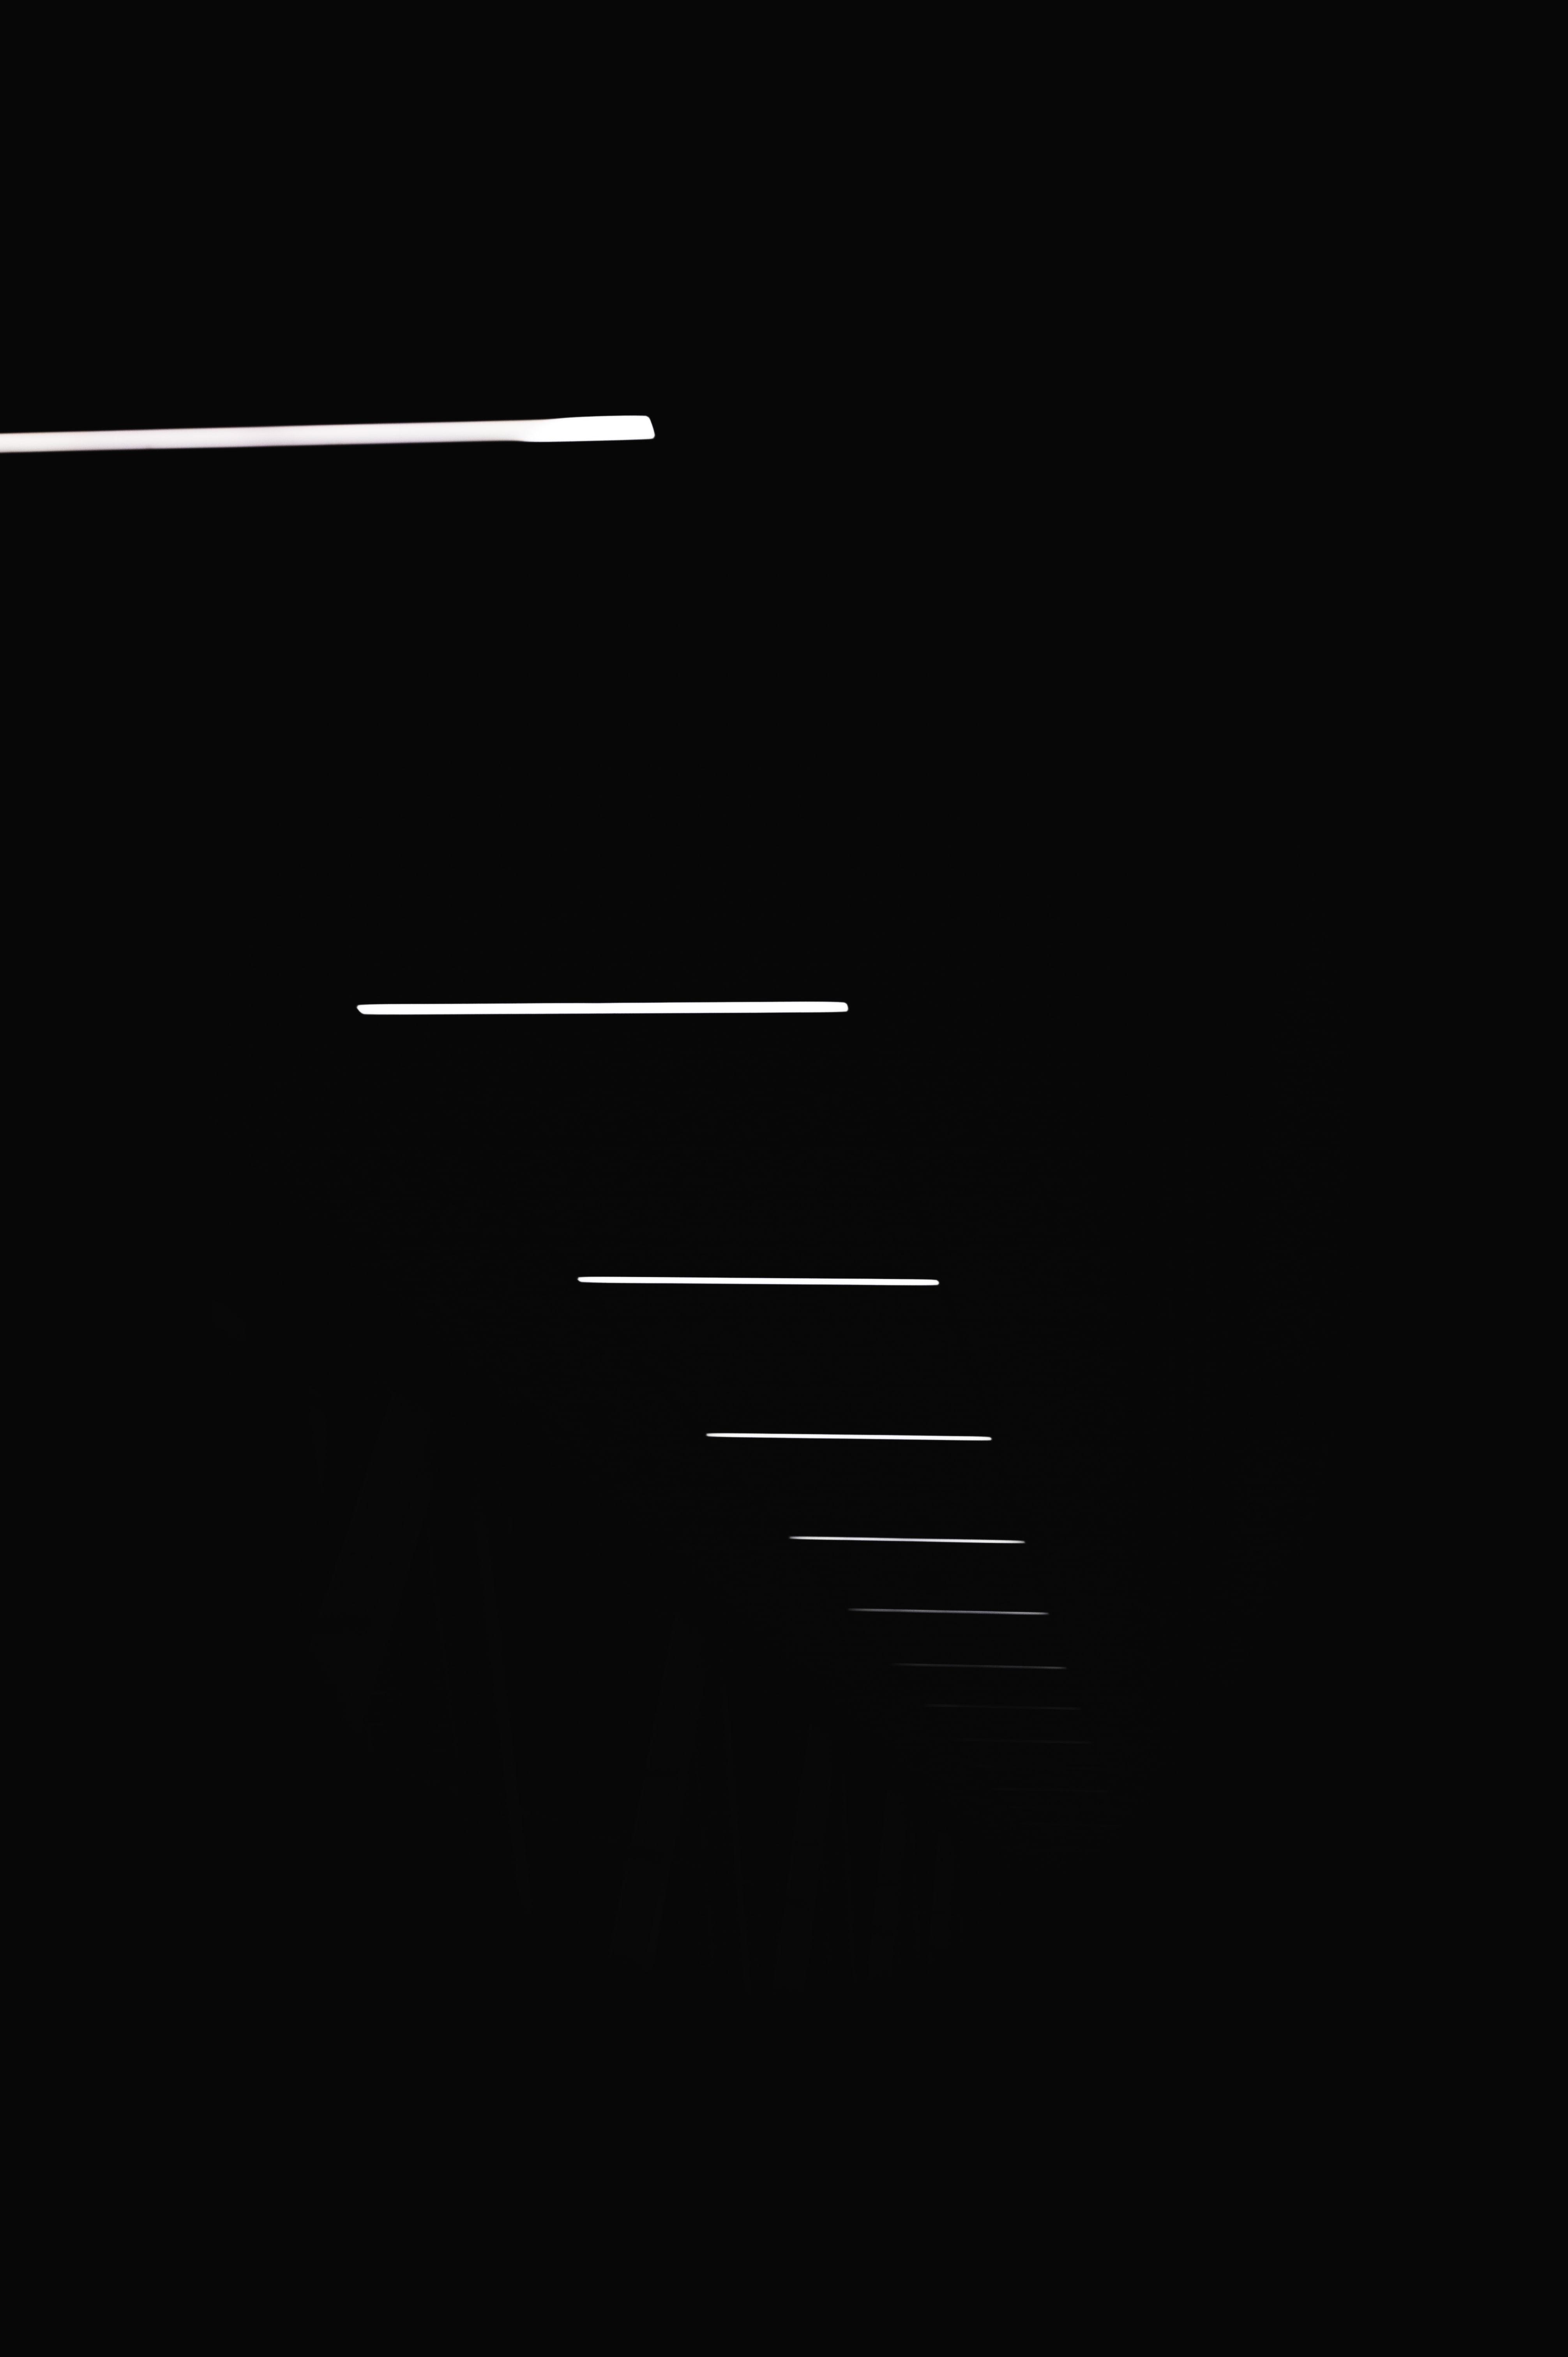 94983壁紙のダウンロードランプ, 線, 台詞, 闇, 暗い, 黒い-スクリーンセーバーと写真を無料で